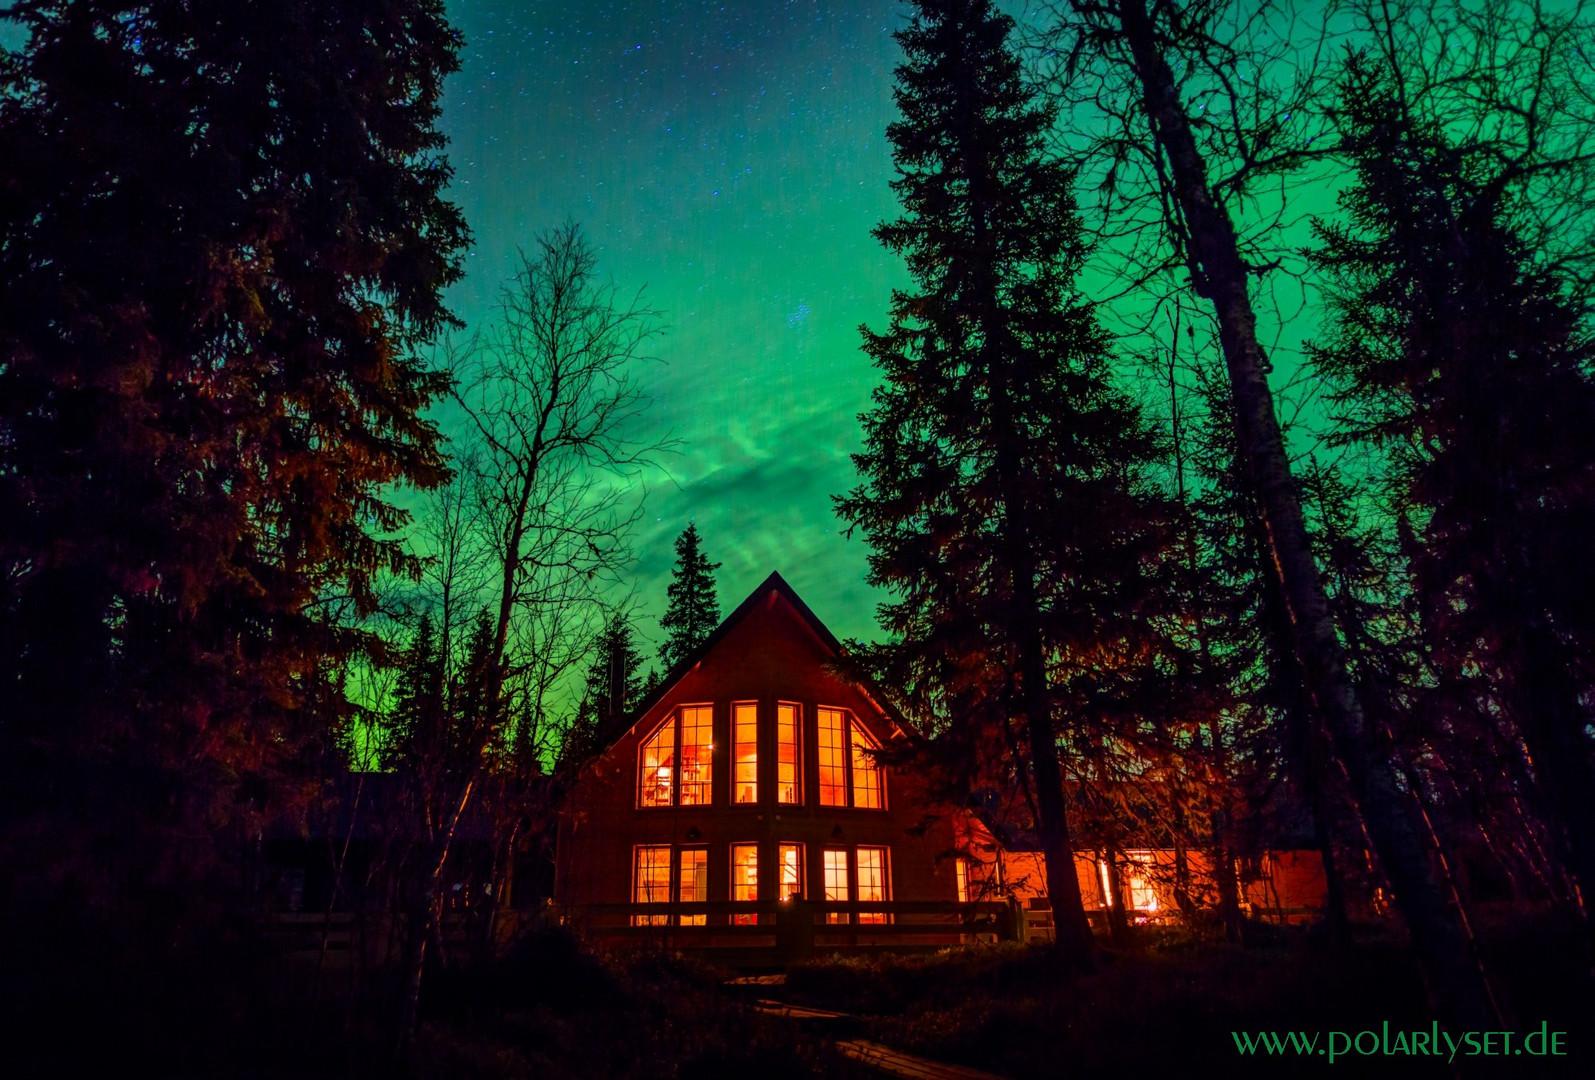 Polarlicht über dem Haus